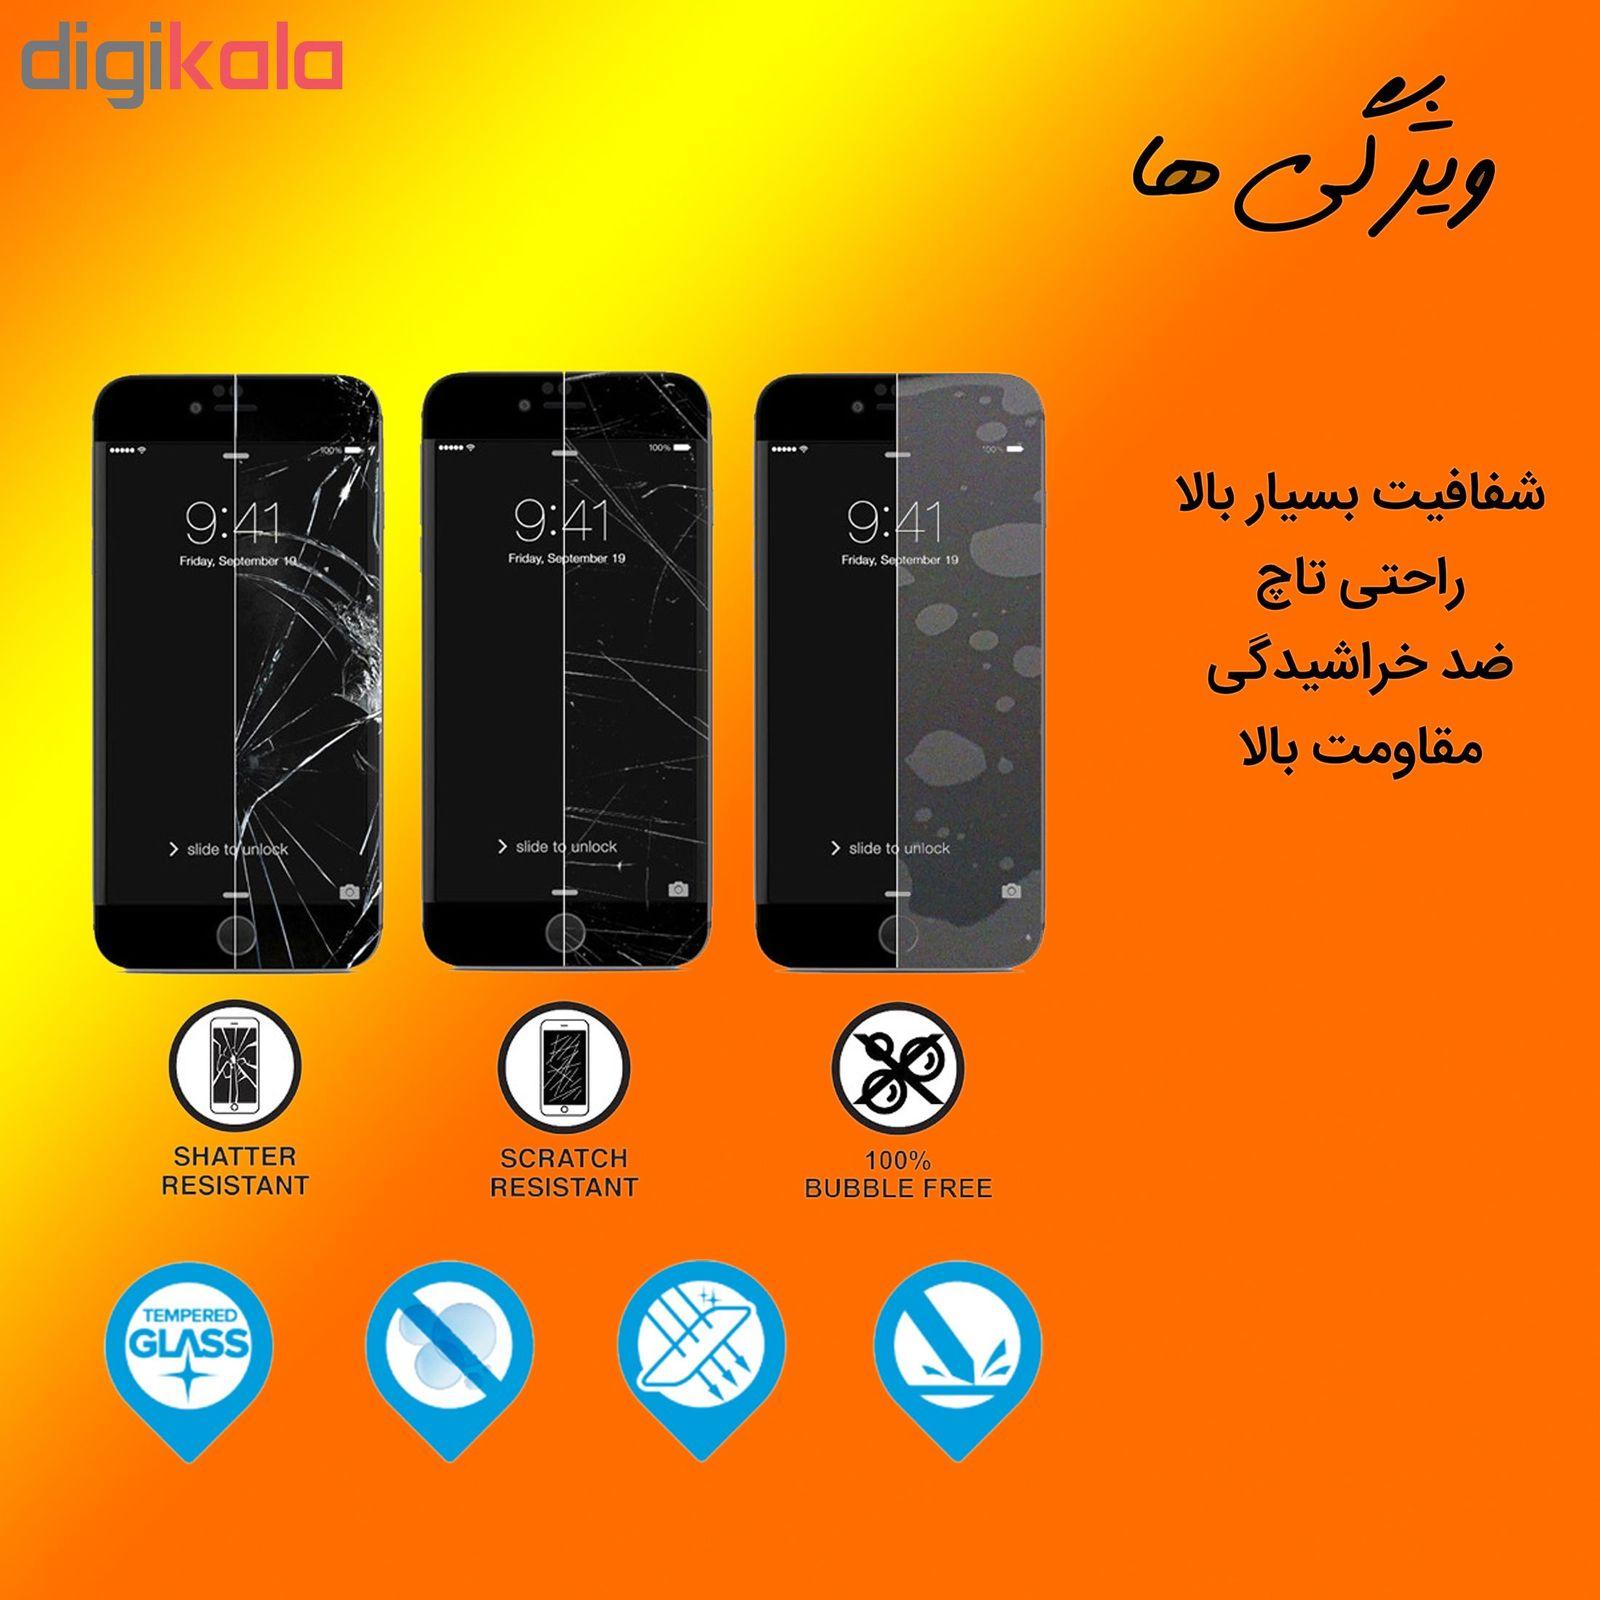 محافظ صفحه نمایش Hard and thick مدل f-01 مناسب برای گوشی موبایل سامسونگ Galaxy A50 مجوعه دو عددی main 1 3